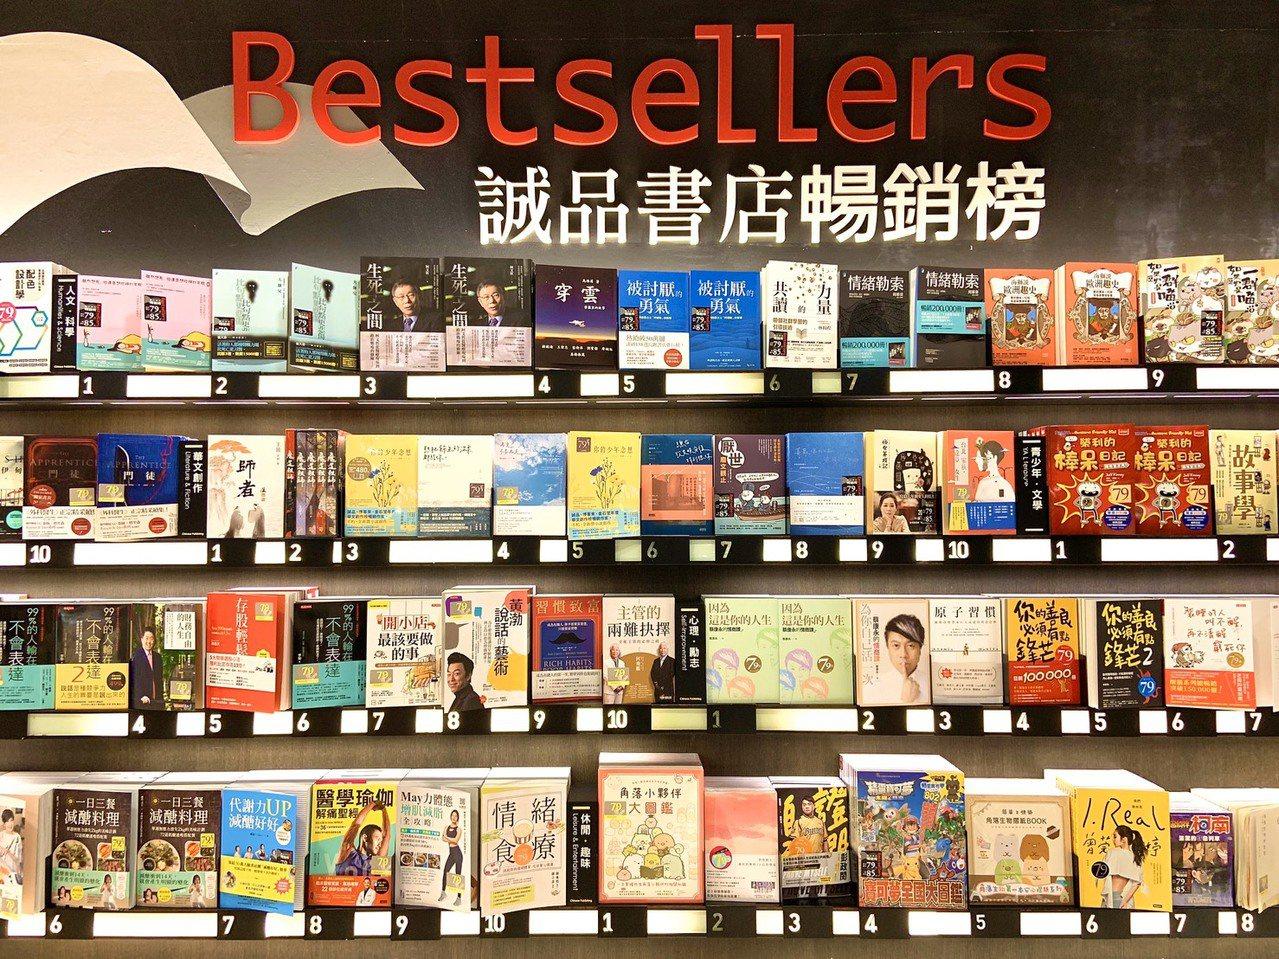 誠品書店今天公布2019年度Top 10十大暢銷書,發現「做自己」最能引起共鳴。...